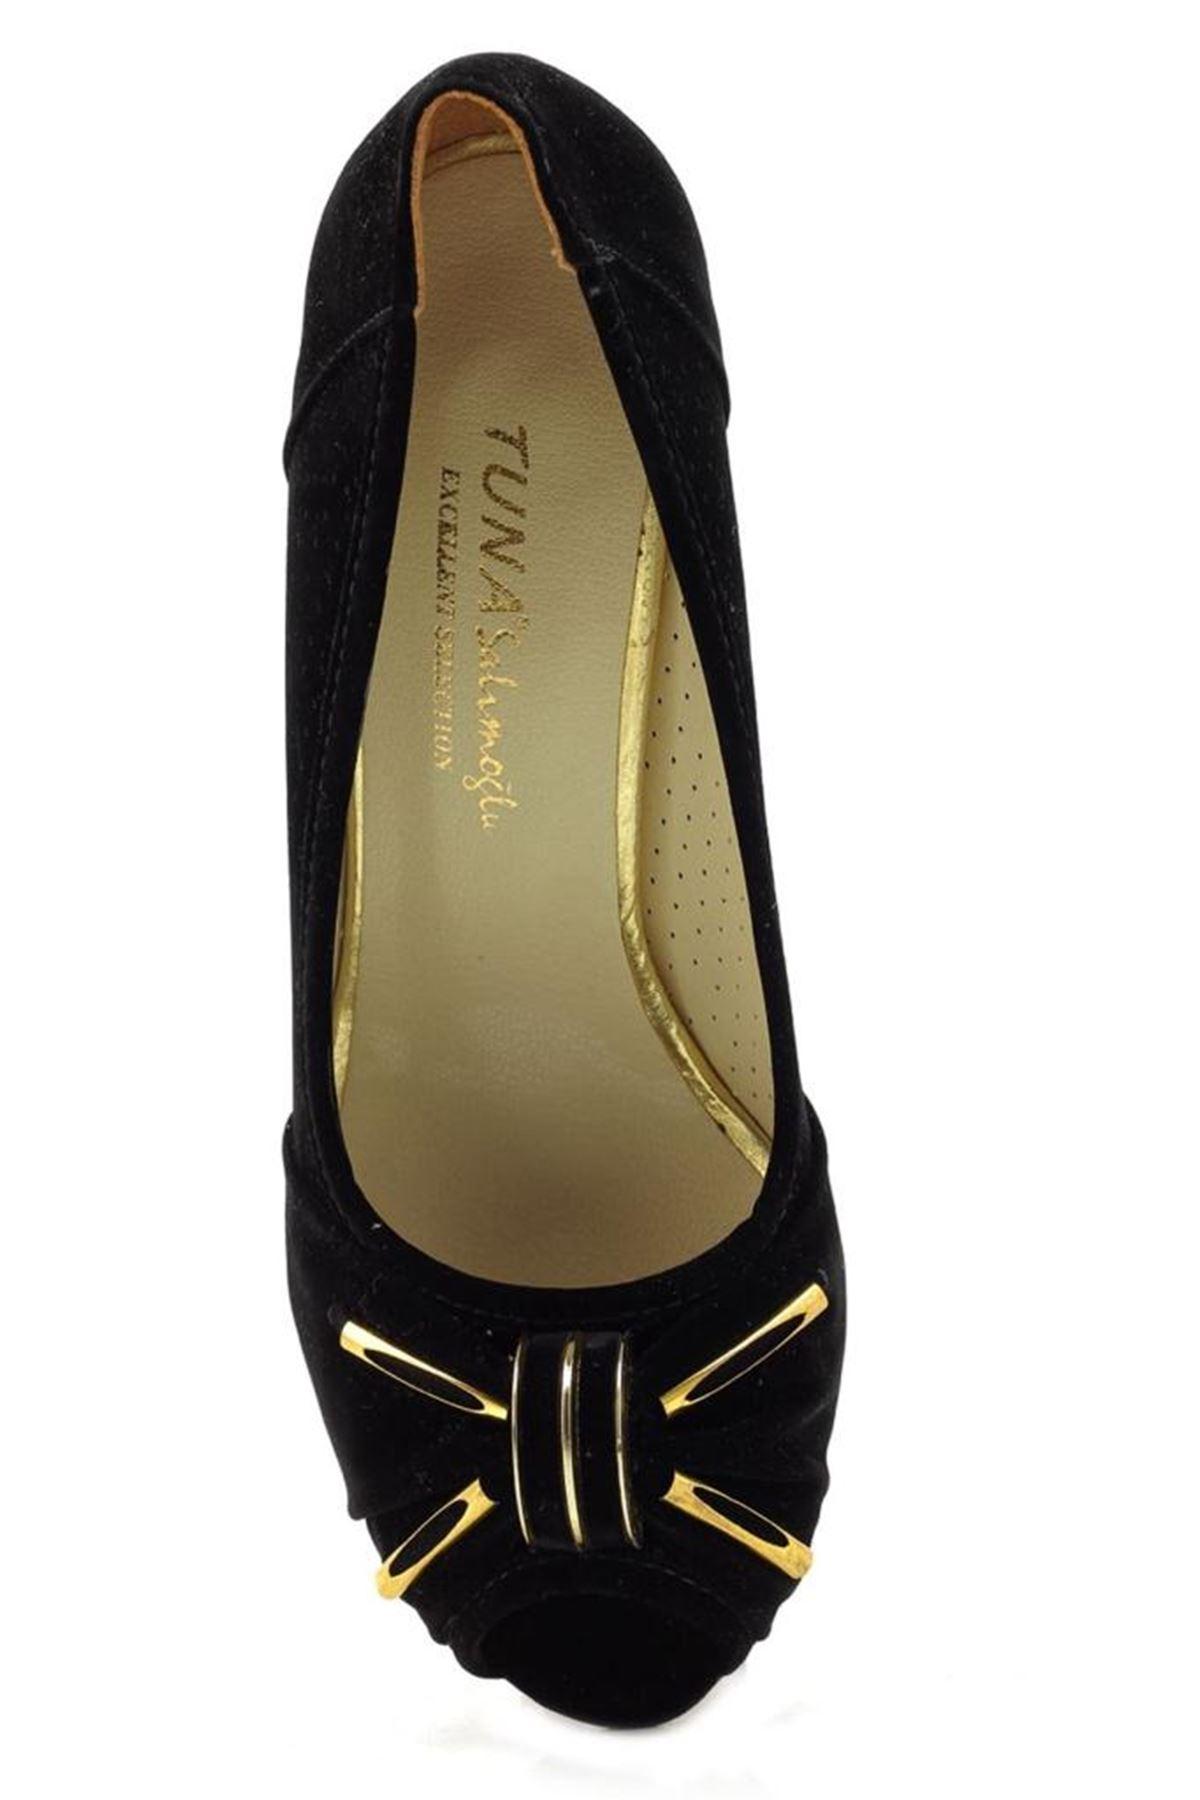 Fantasy Süed Alçak Topuk Bayan Ayakkabı